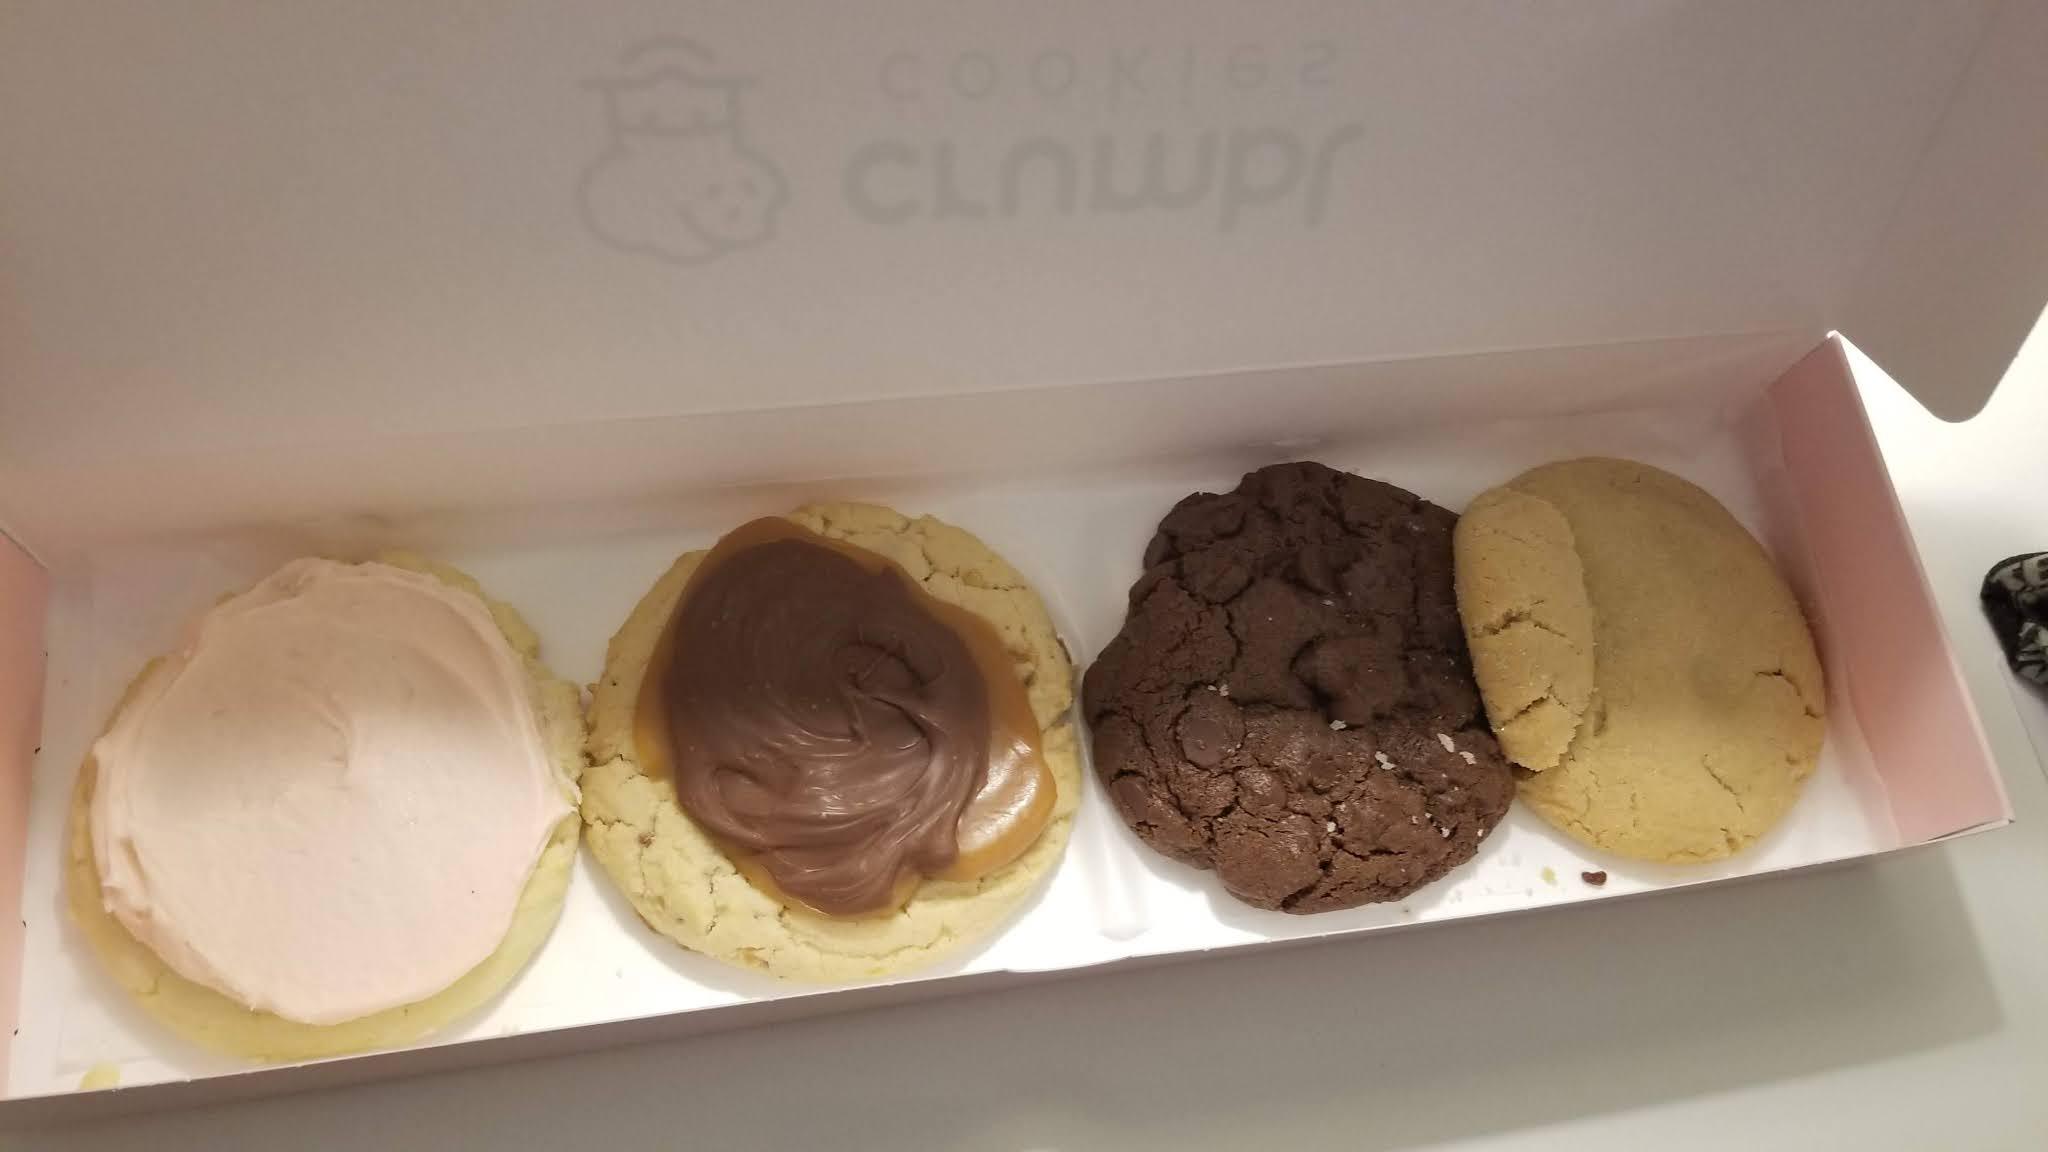 Crumbl Cookies, Ann Arbor